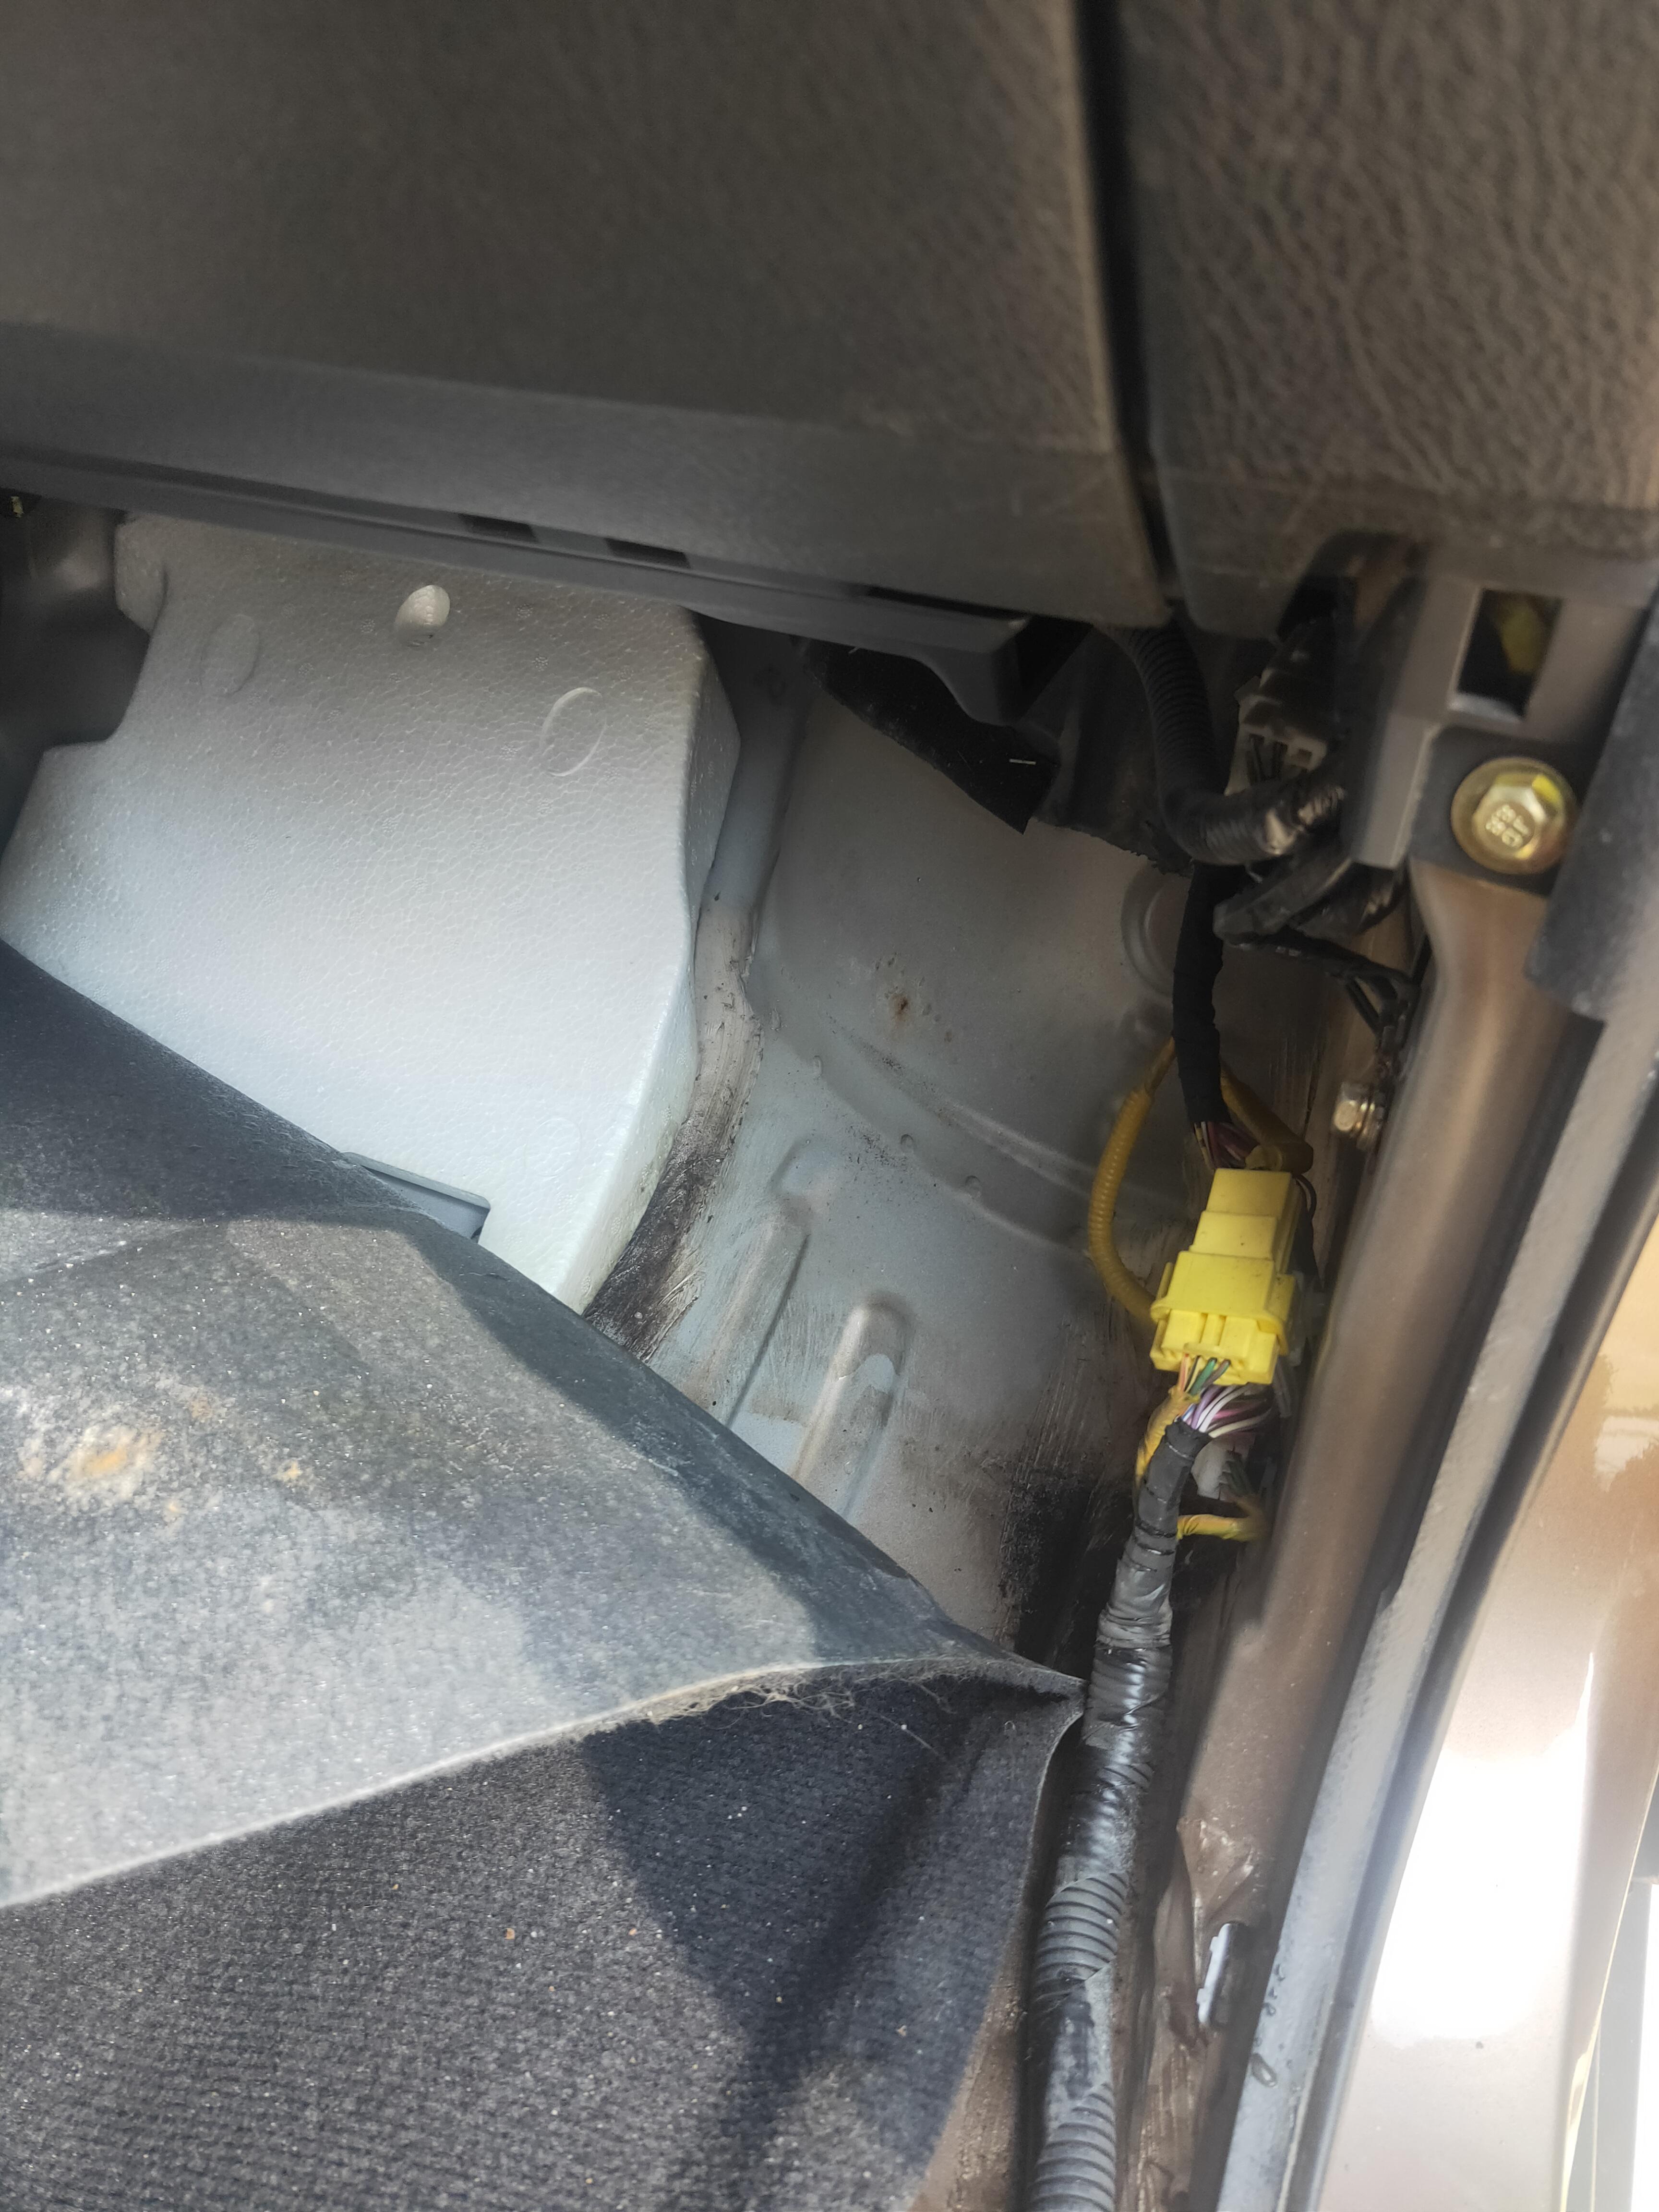 比亚迪-比亚迪S6 天窗排水漏水导致脚垫下积水